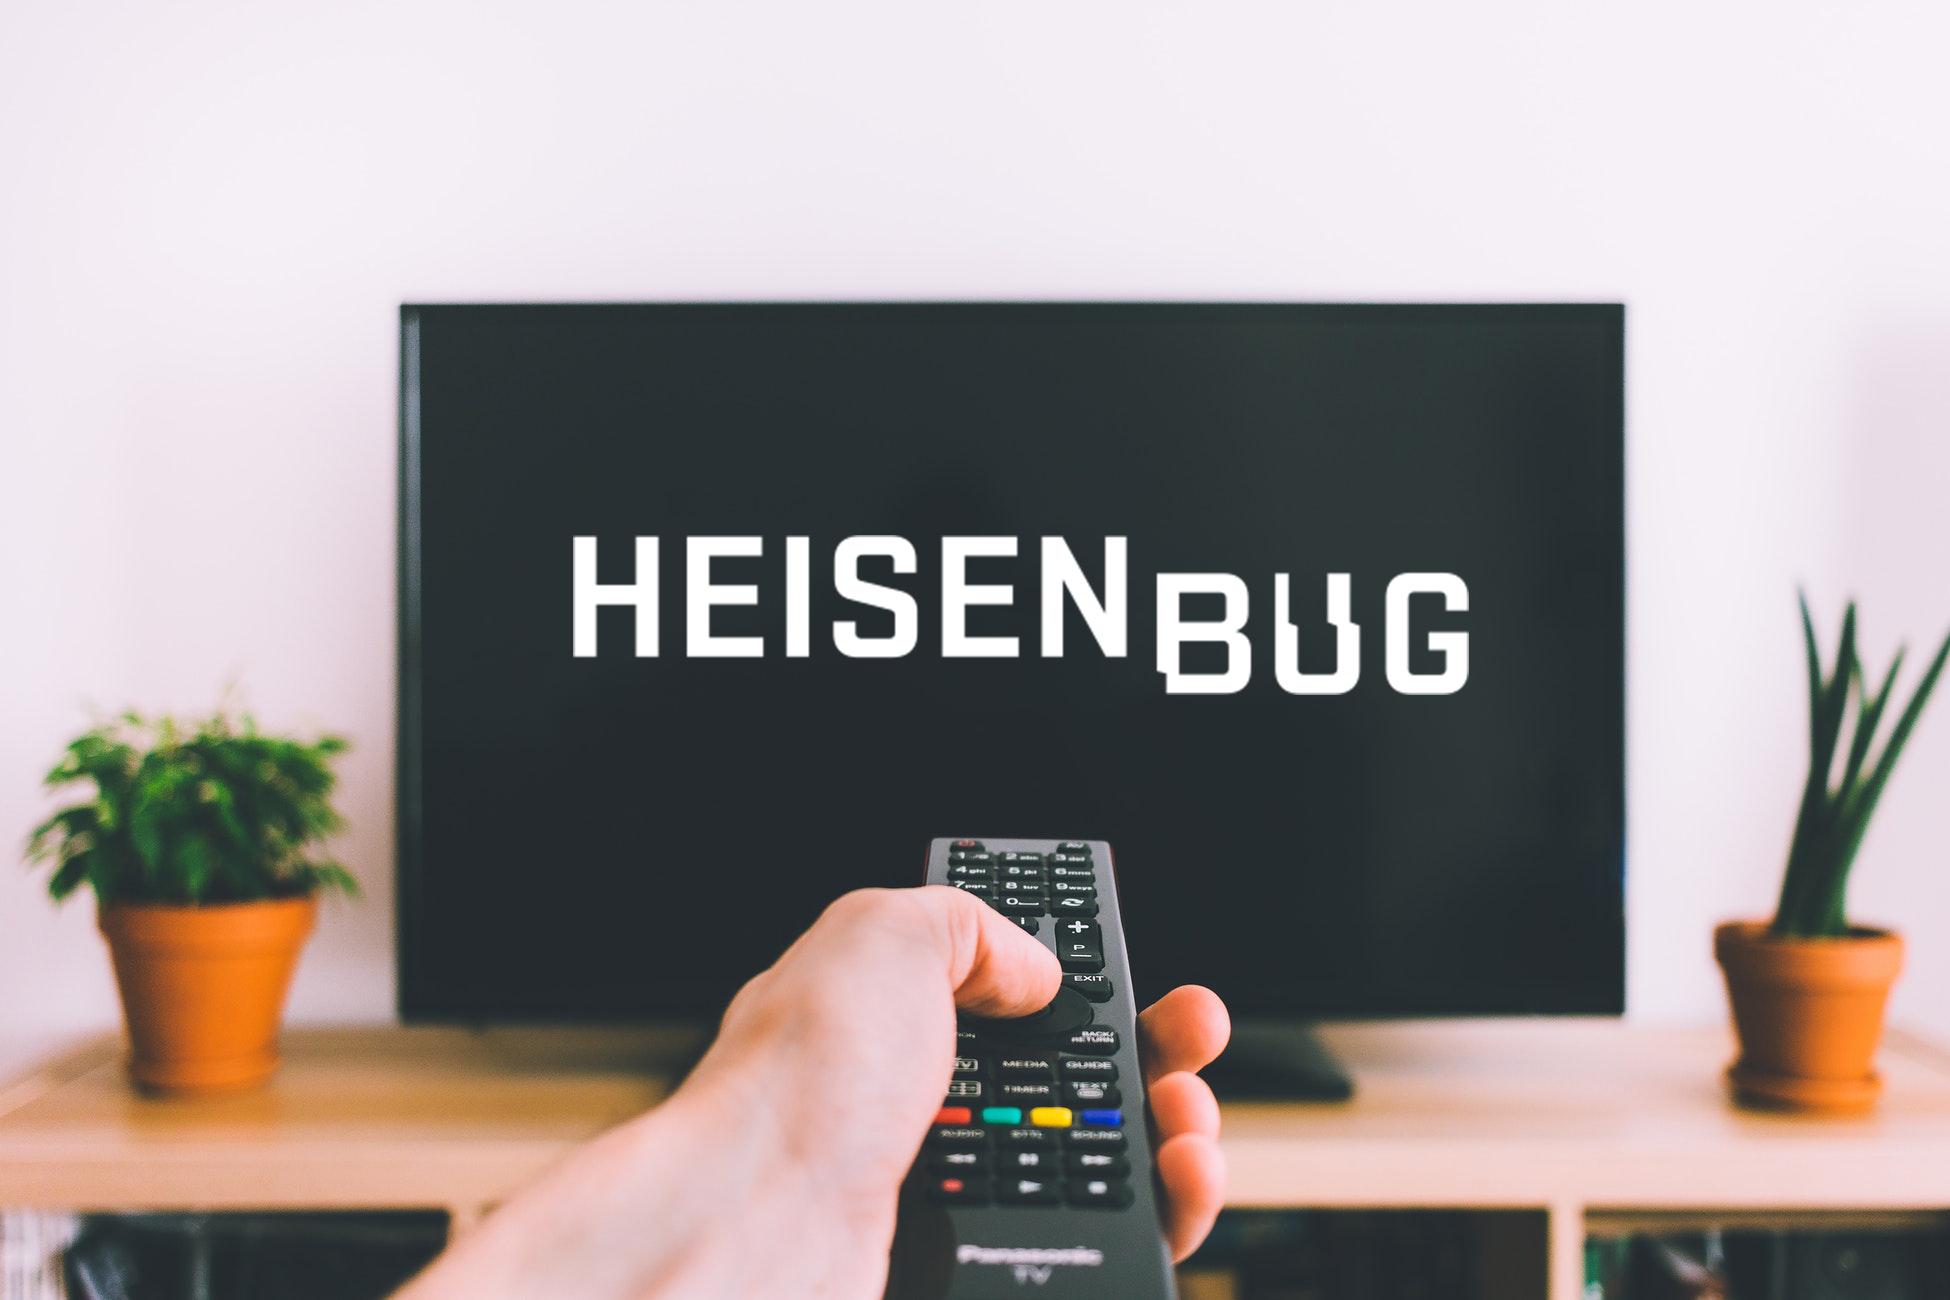 Открытая бесплатная трансляция конференции по тестированию — Heisenbug 2018 Piter - 1